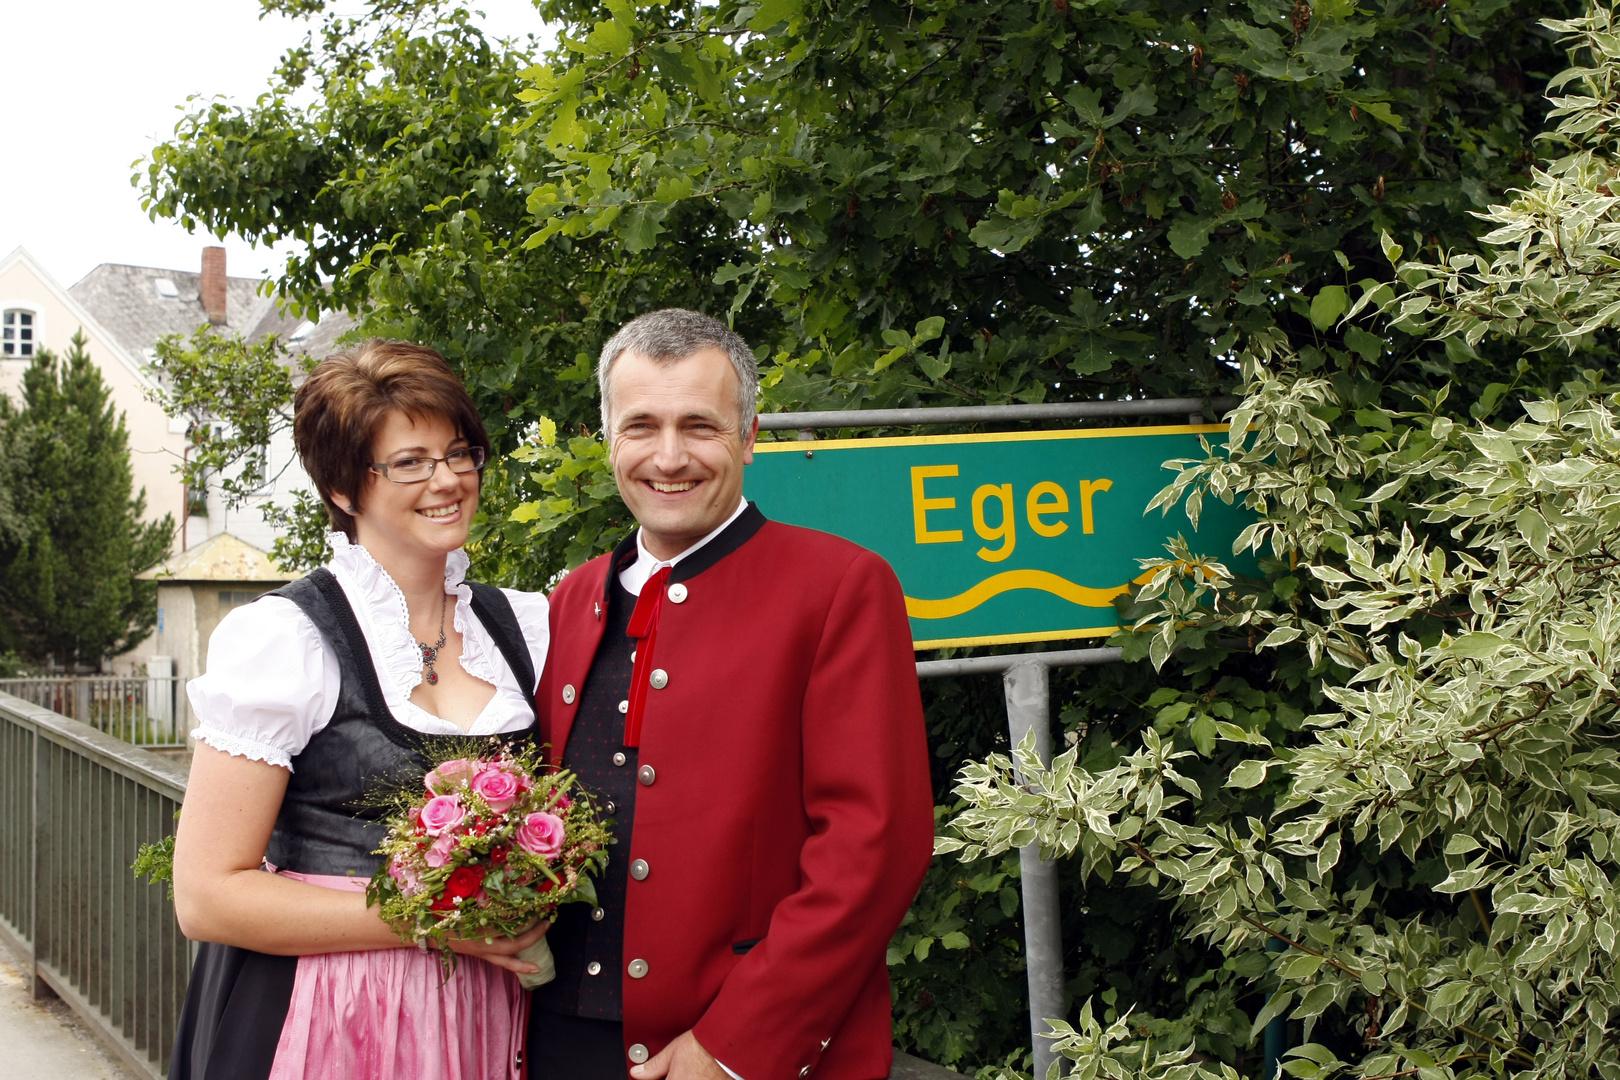 Hochzeit an der Eger...